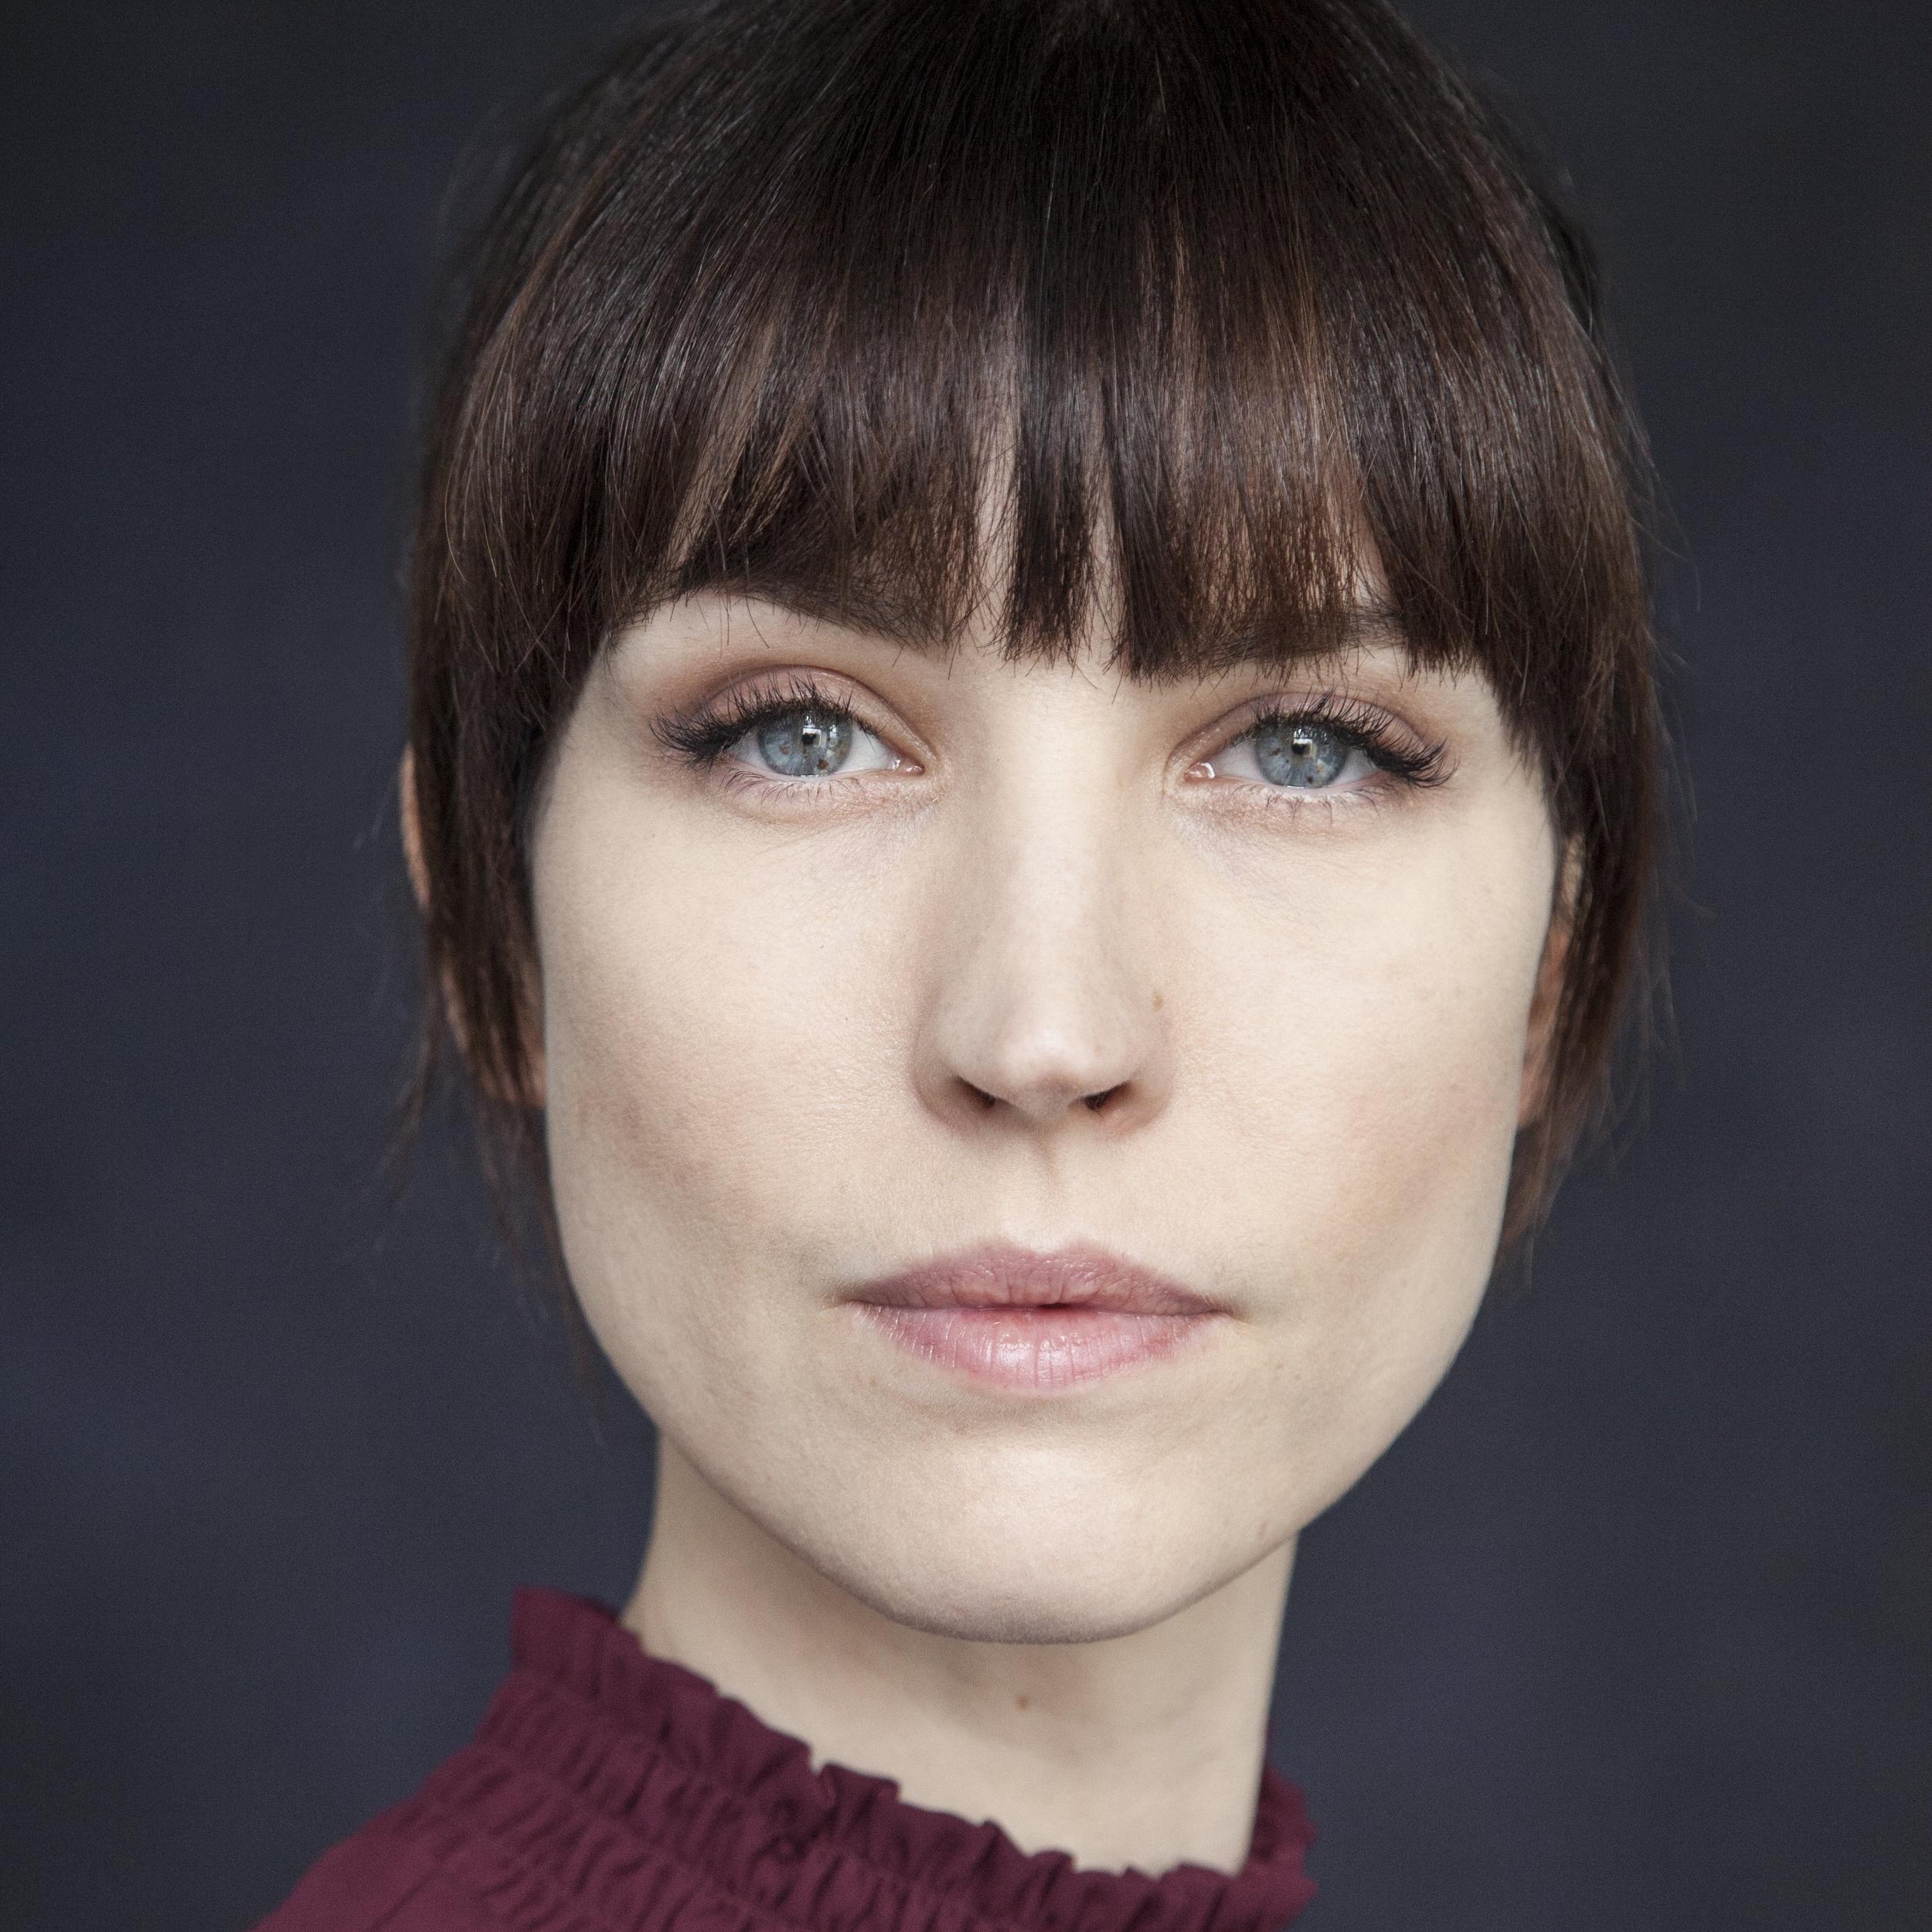 Kojii Helnwein 5 .jpg